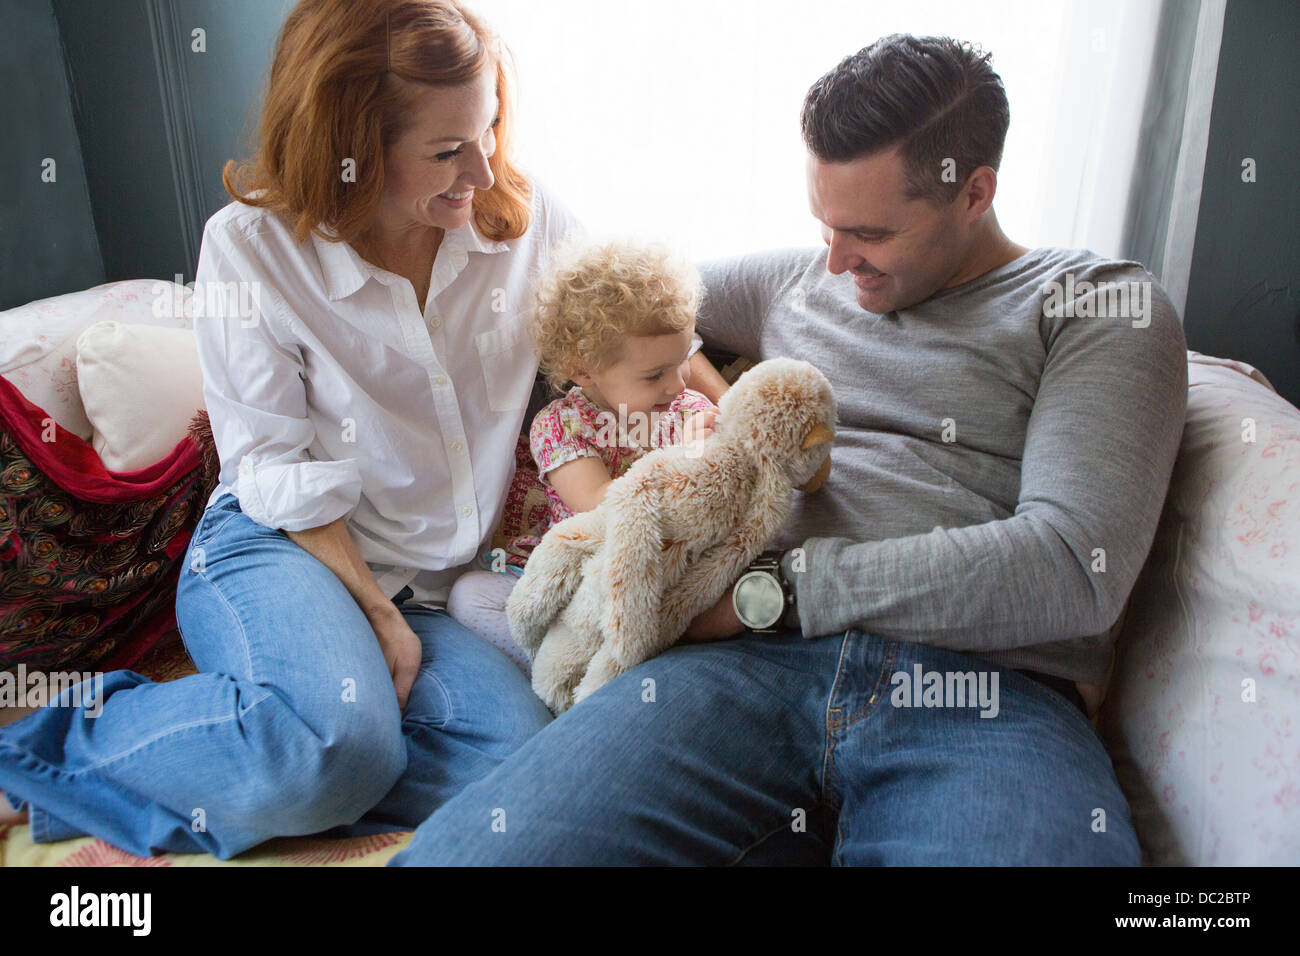 Husband & wife entertaining child - Stock Image